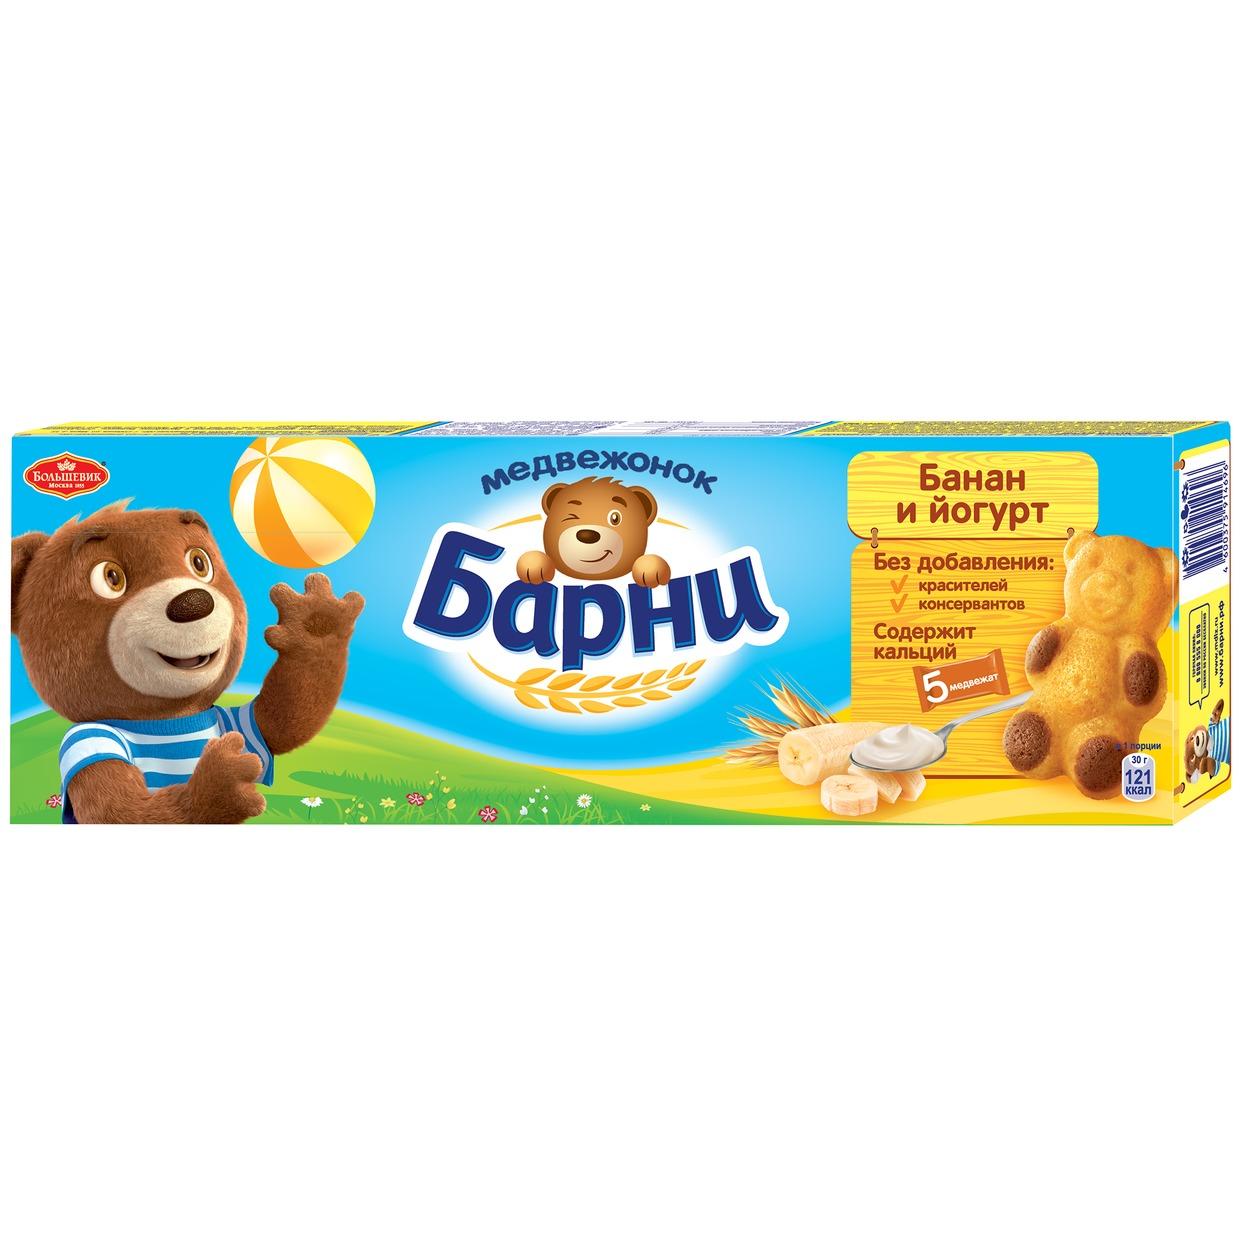 Пирожное бисквитное Медвежонок Барни, банан-йогурт, 150 г